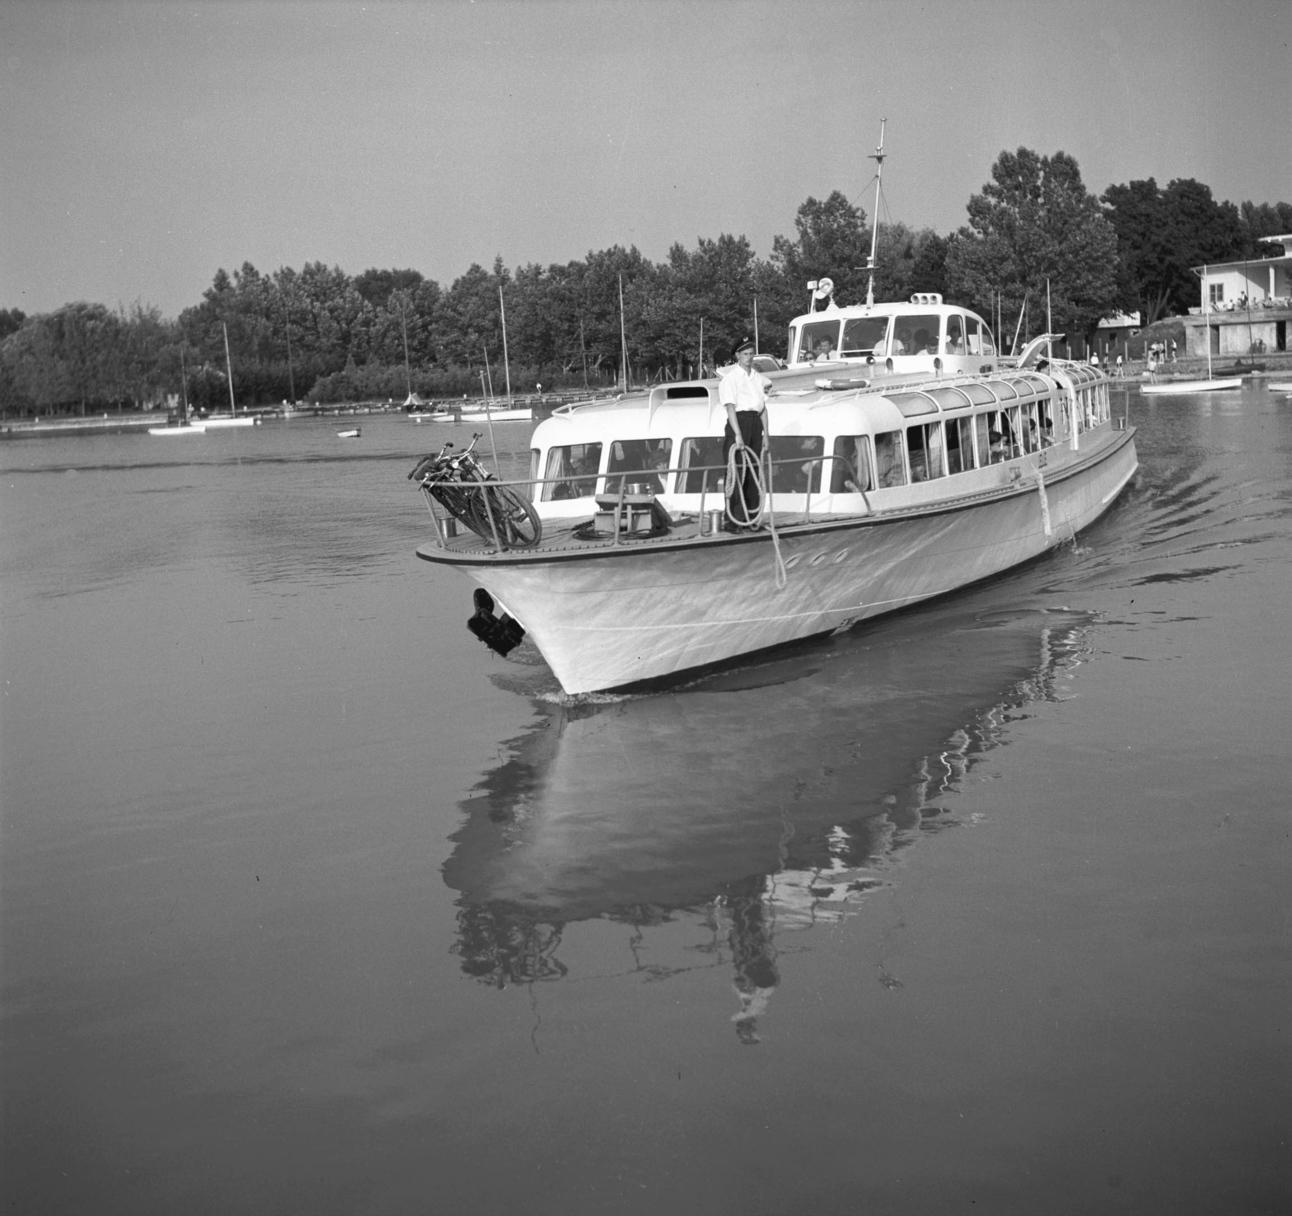 Balatonföldvár, 1956. július 23. Befut a Lelle nevű hajó a földvári öbölbe. MTI Fotó: Bereth Ferenc